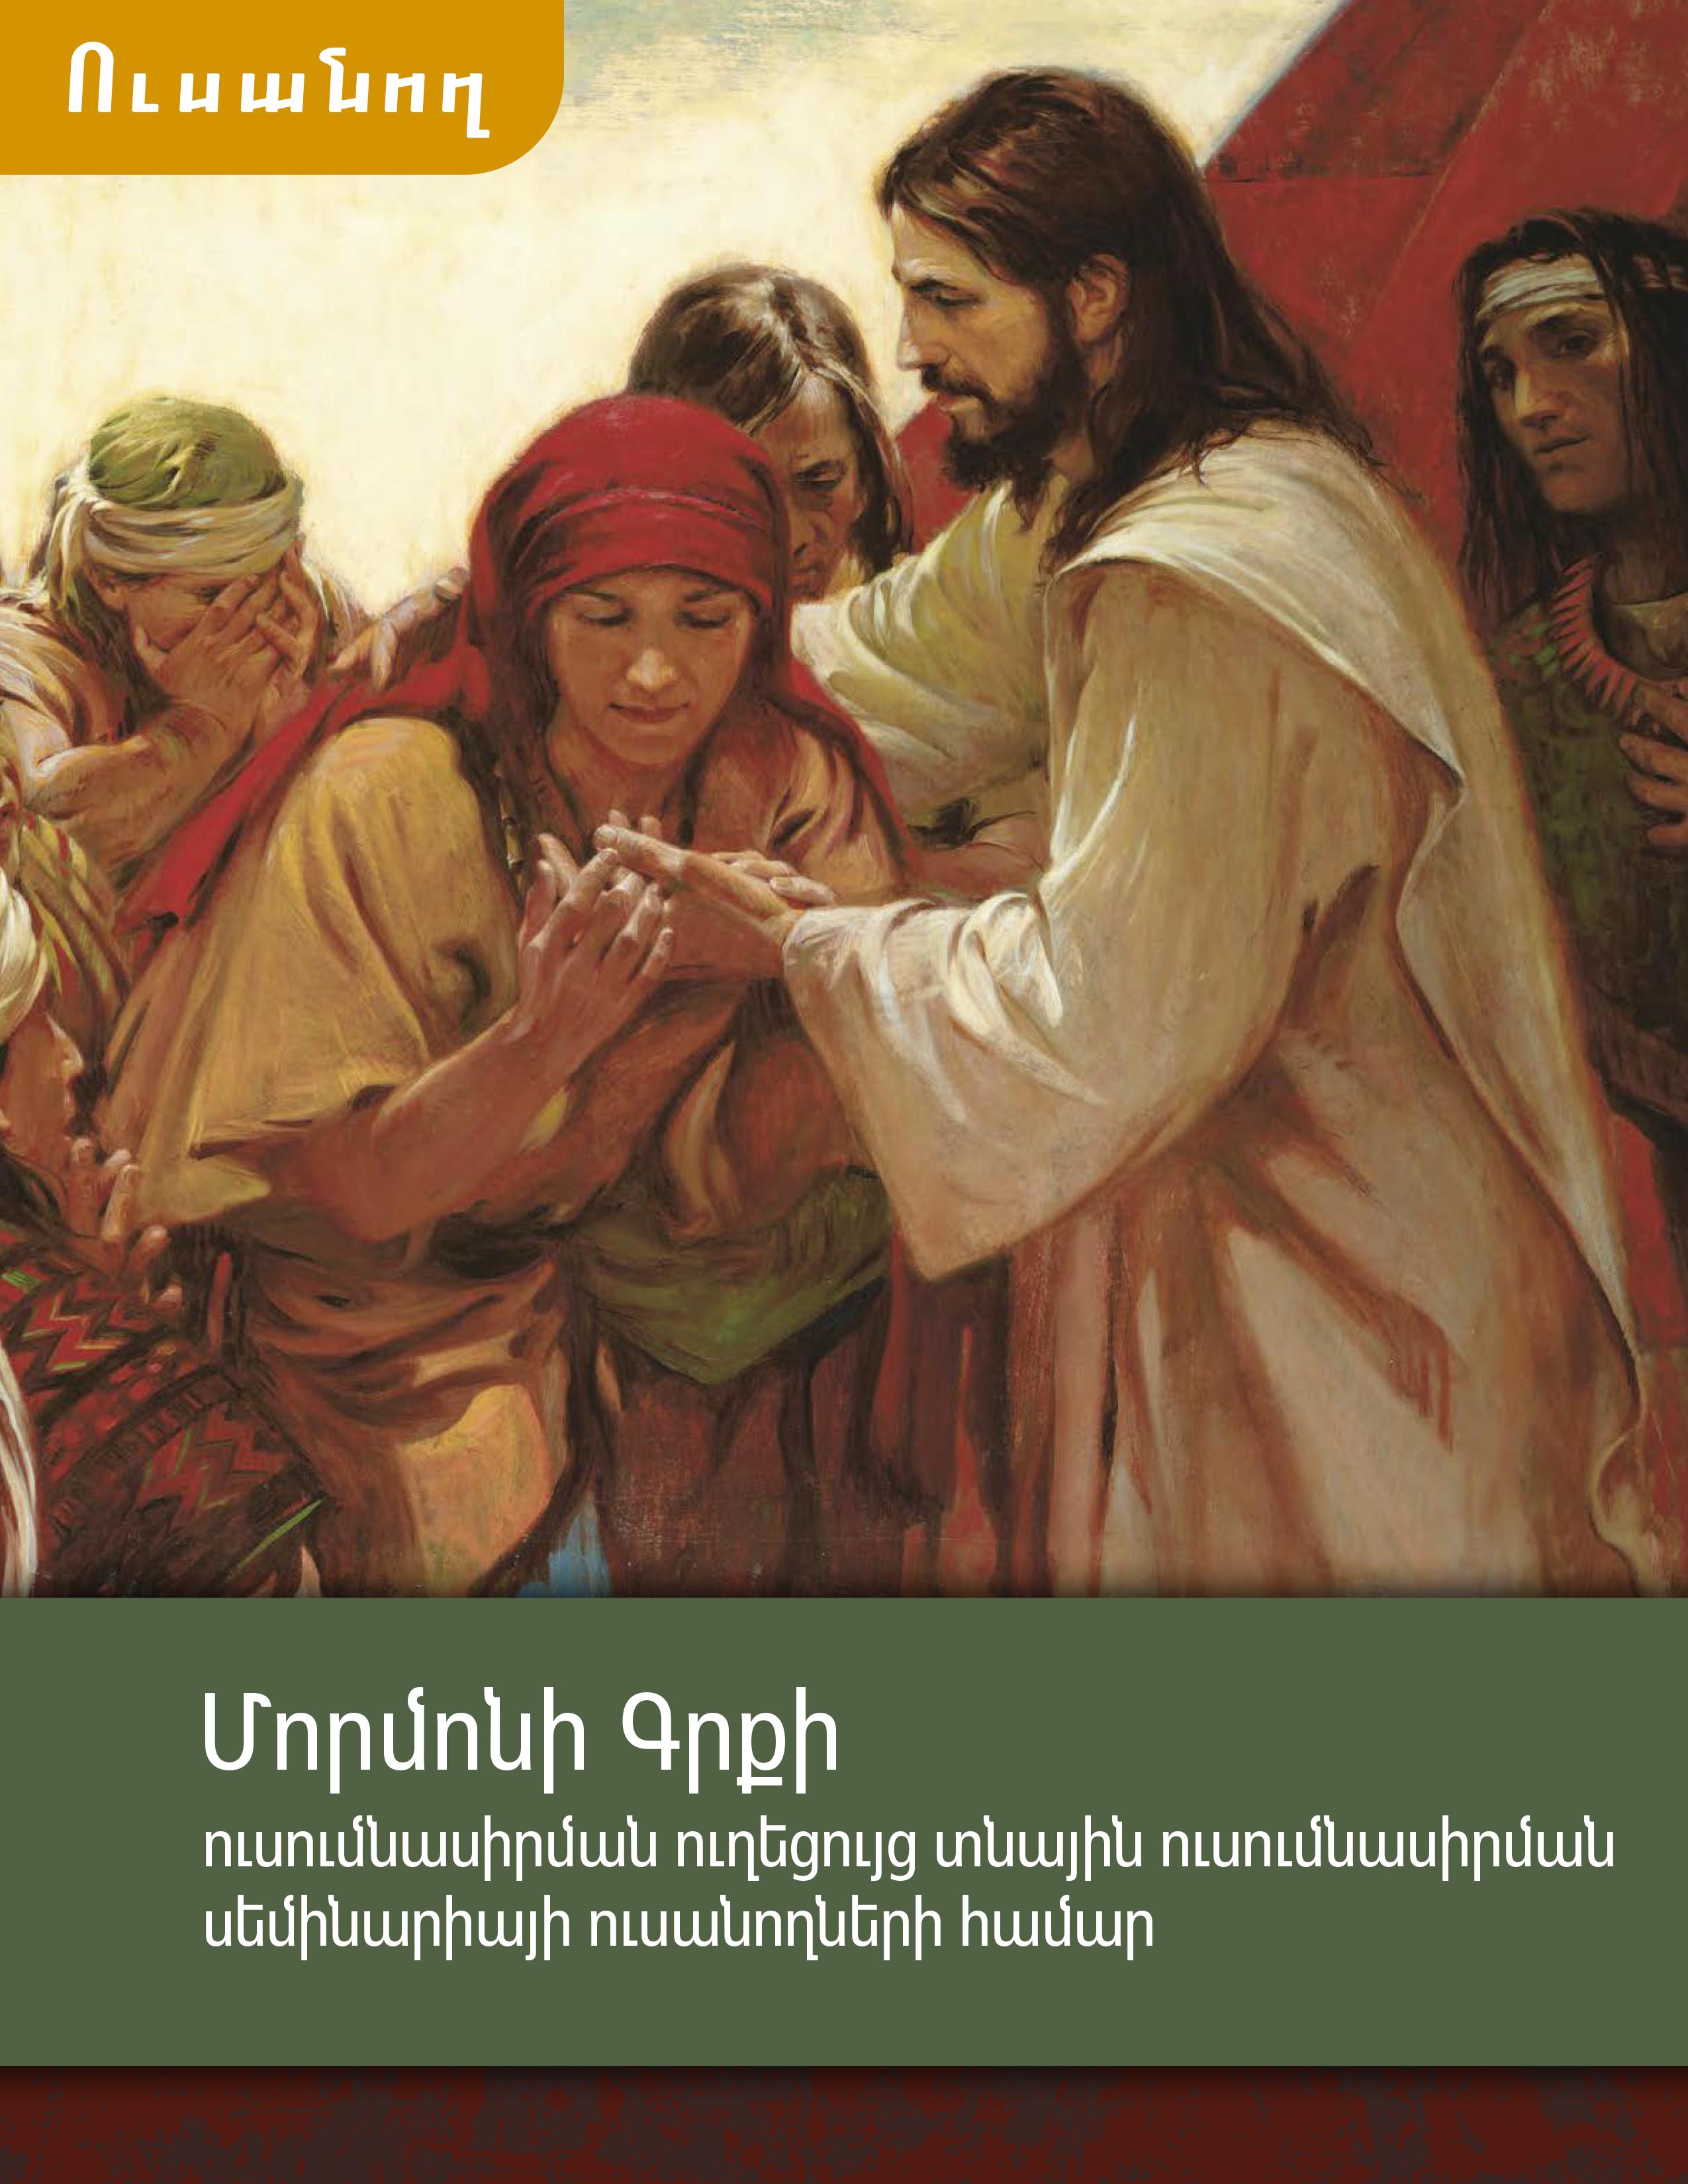 Մորմոնի Գրքի ուսումնասիրության ուղեցույց սեմինարիայի ուսանողների տնային ուսումնասիրման համար